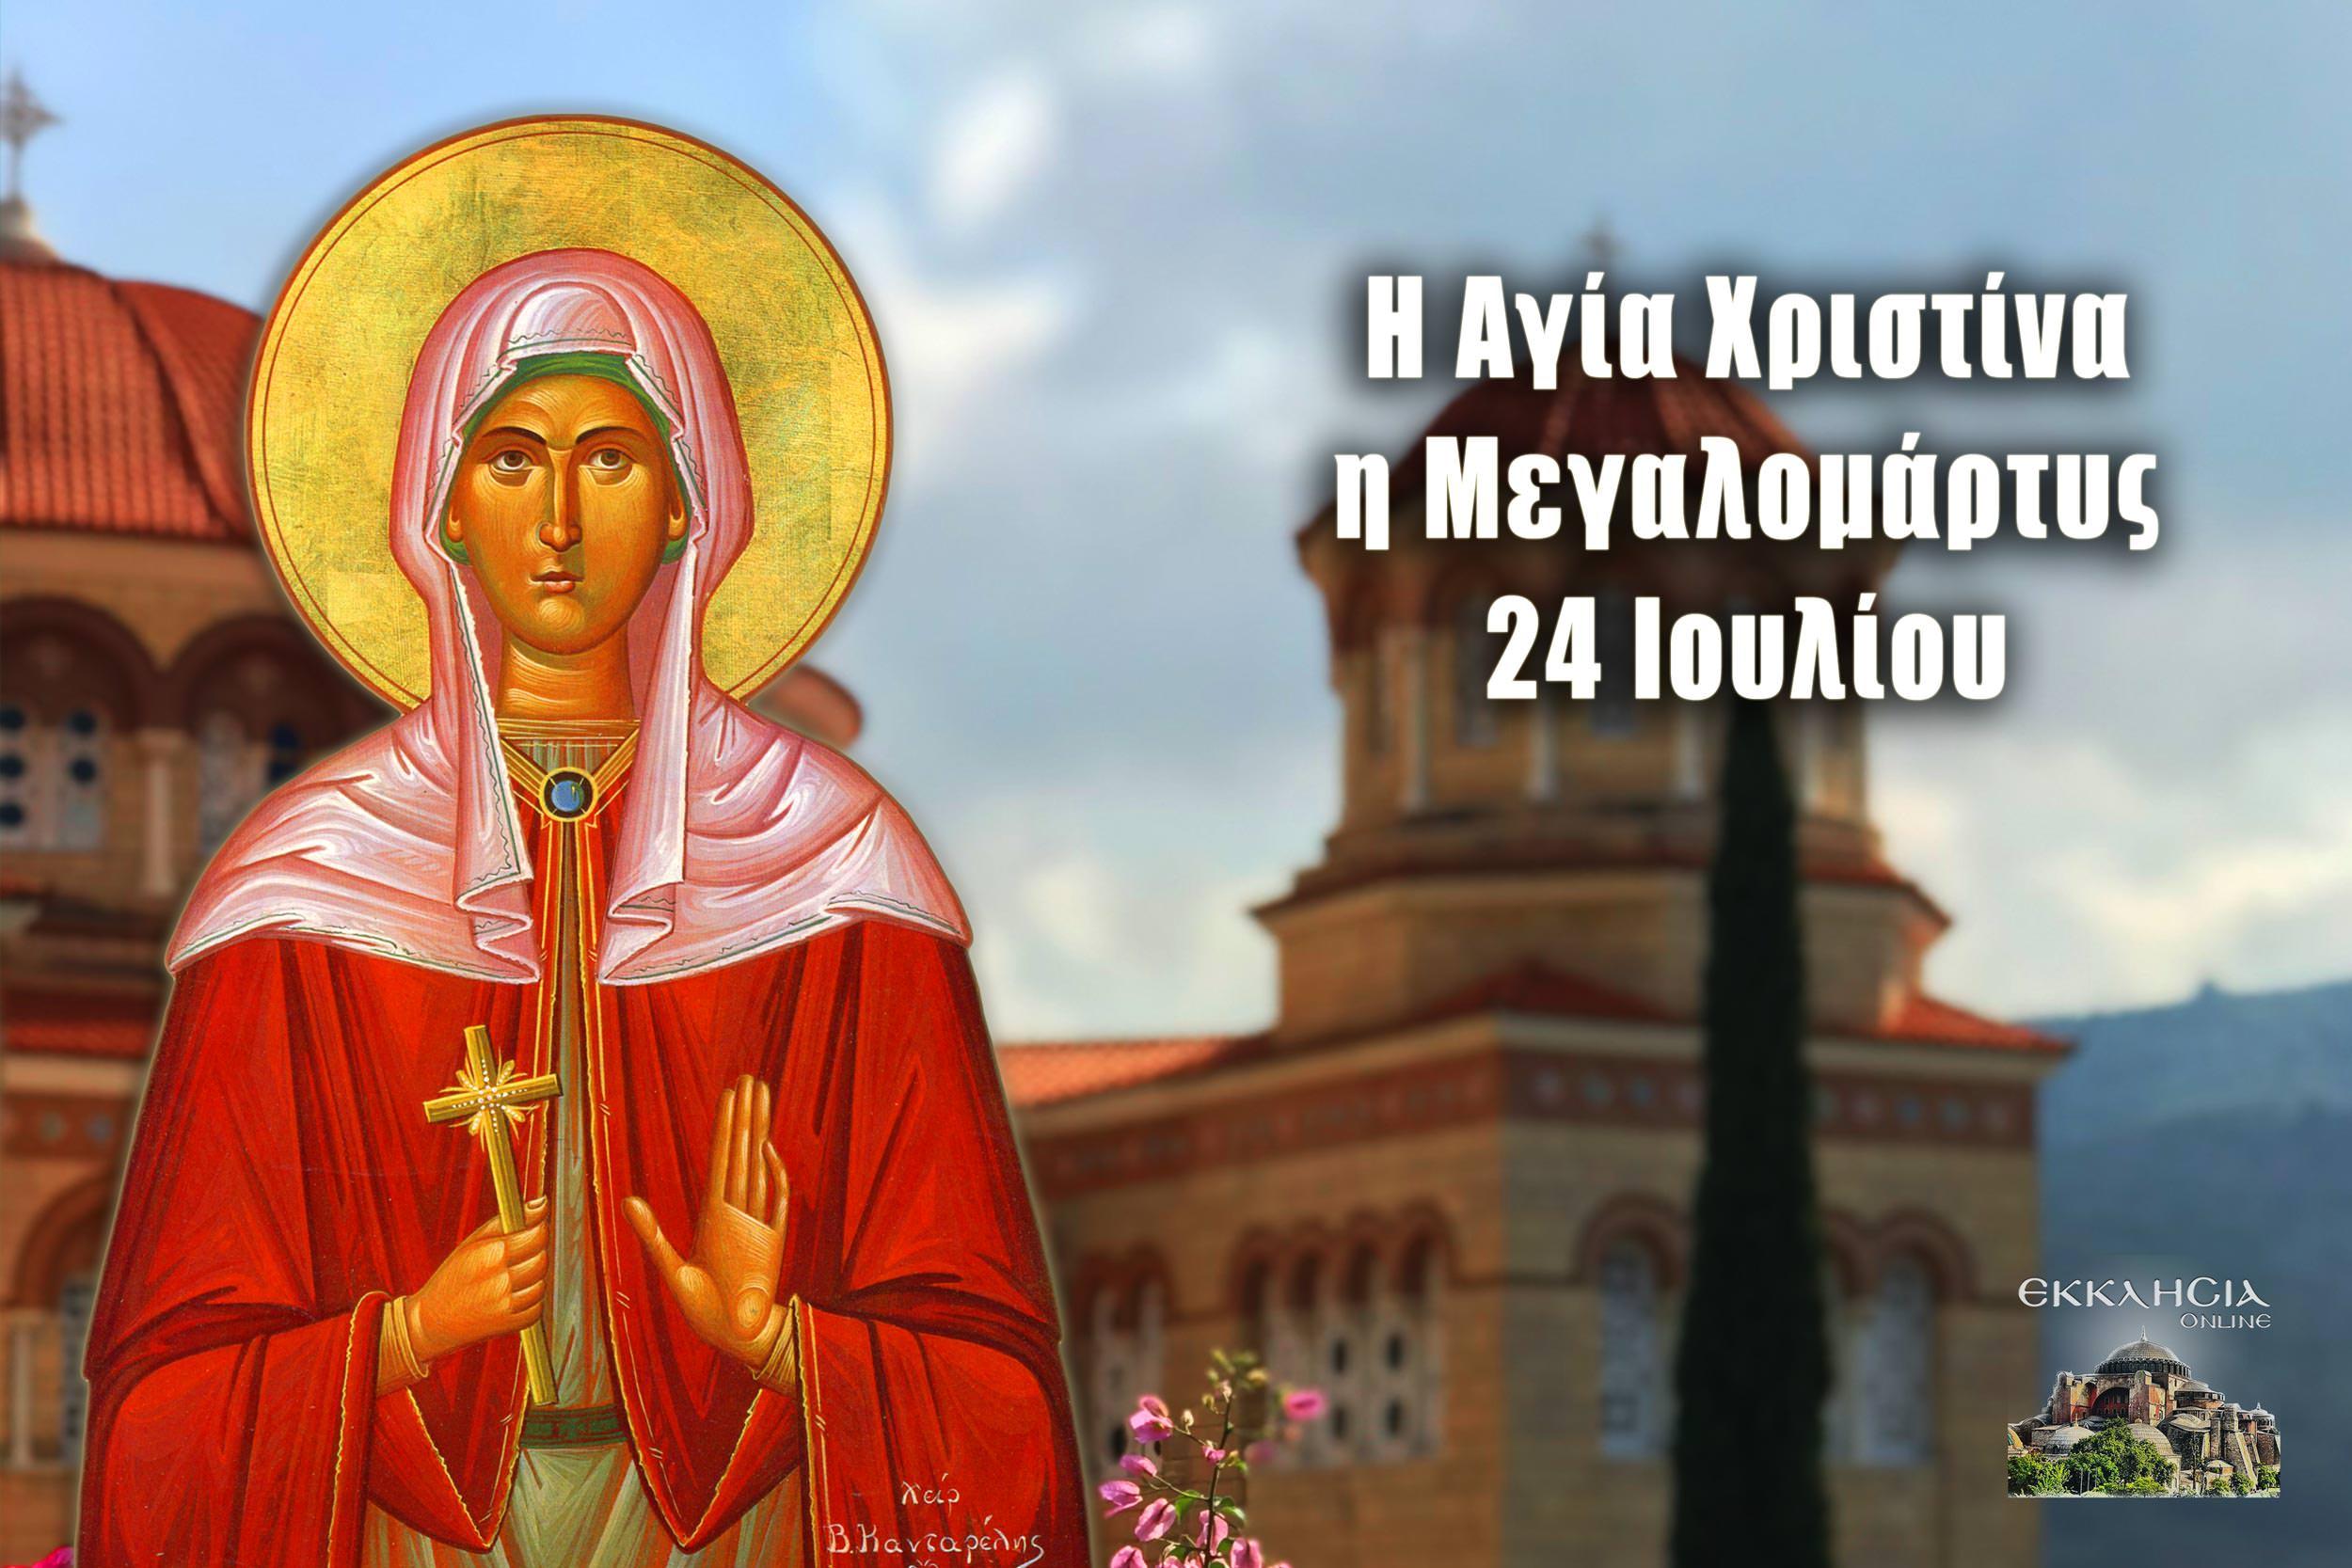 Αγία Χριστίνα η Μεγαλομάρτυς 24 Ιουλίου